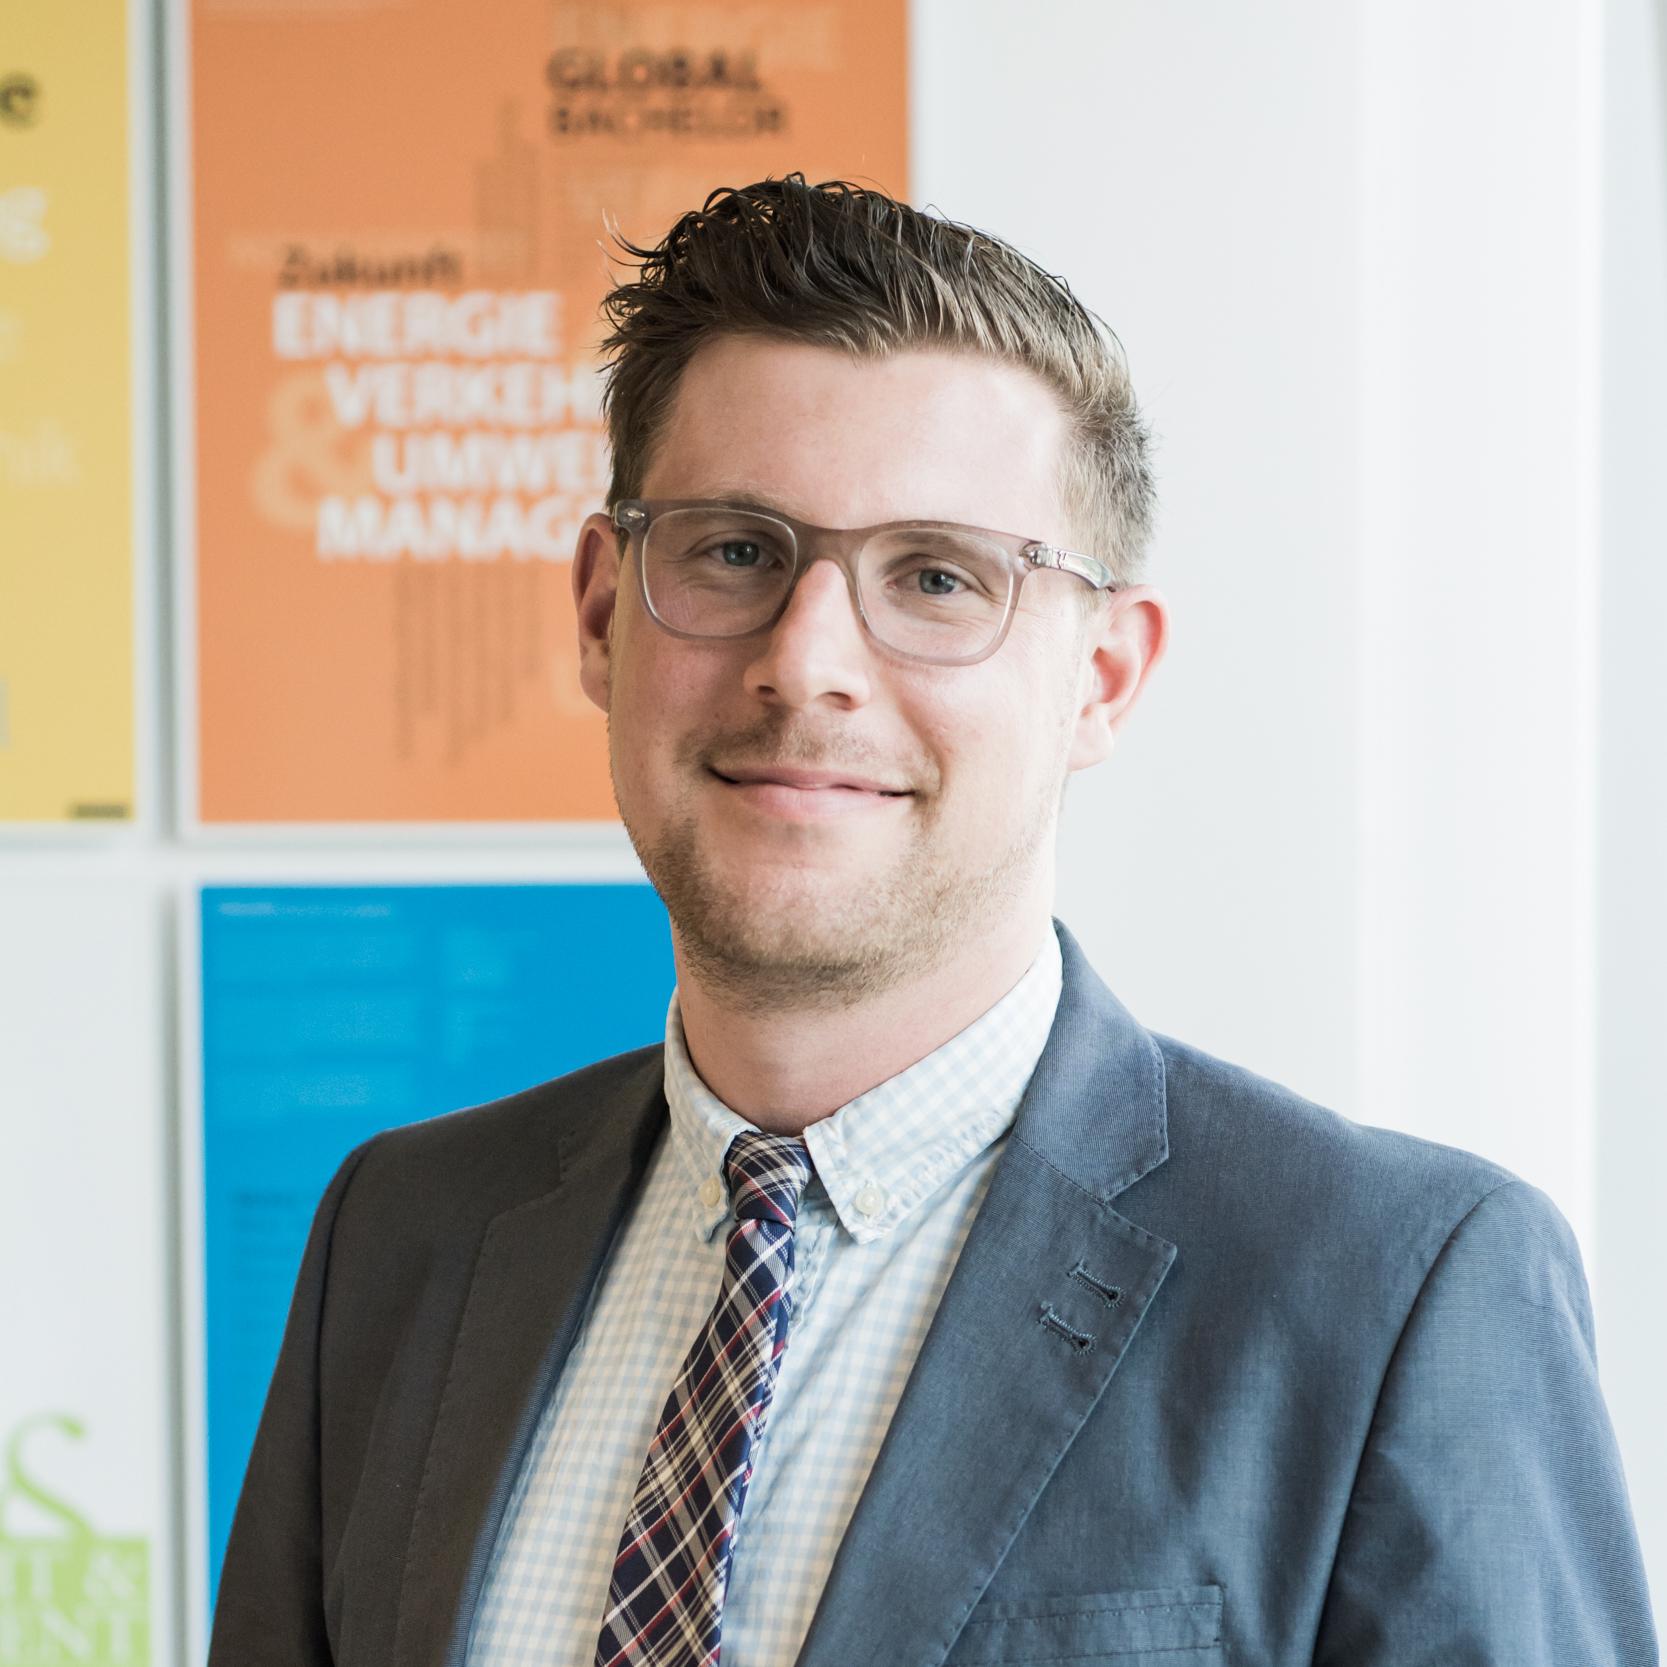 """Martin Gössl leitet den Lehrgang """"Akademische Peer-Beraterin / Akademischer Peer-Berater""""."""